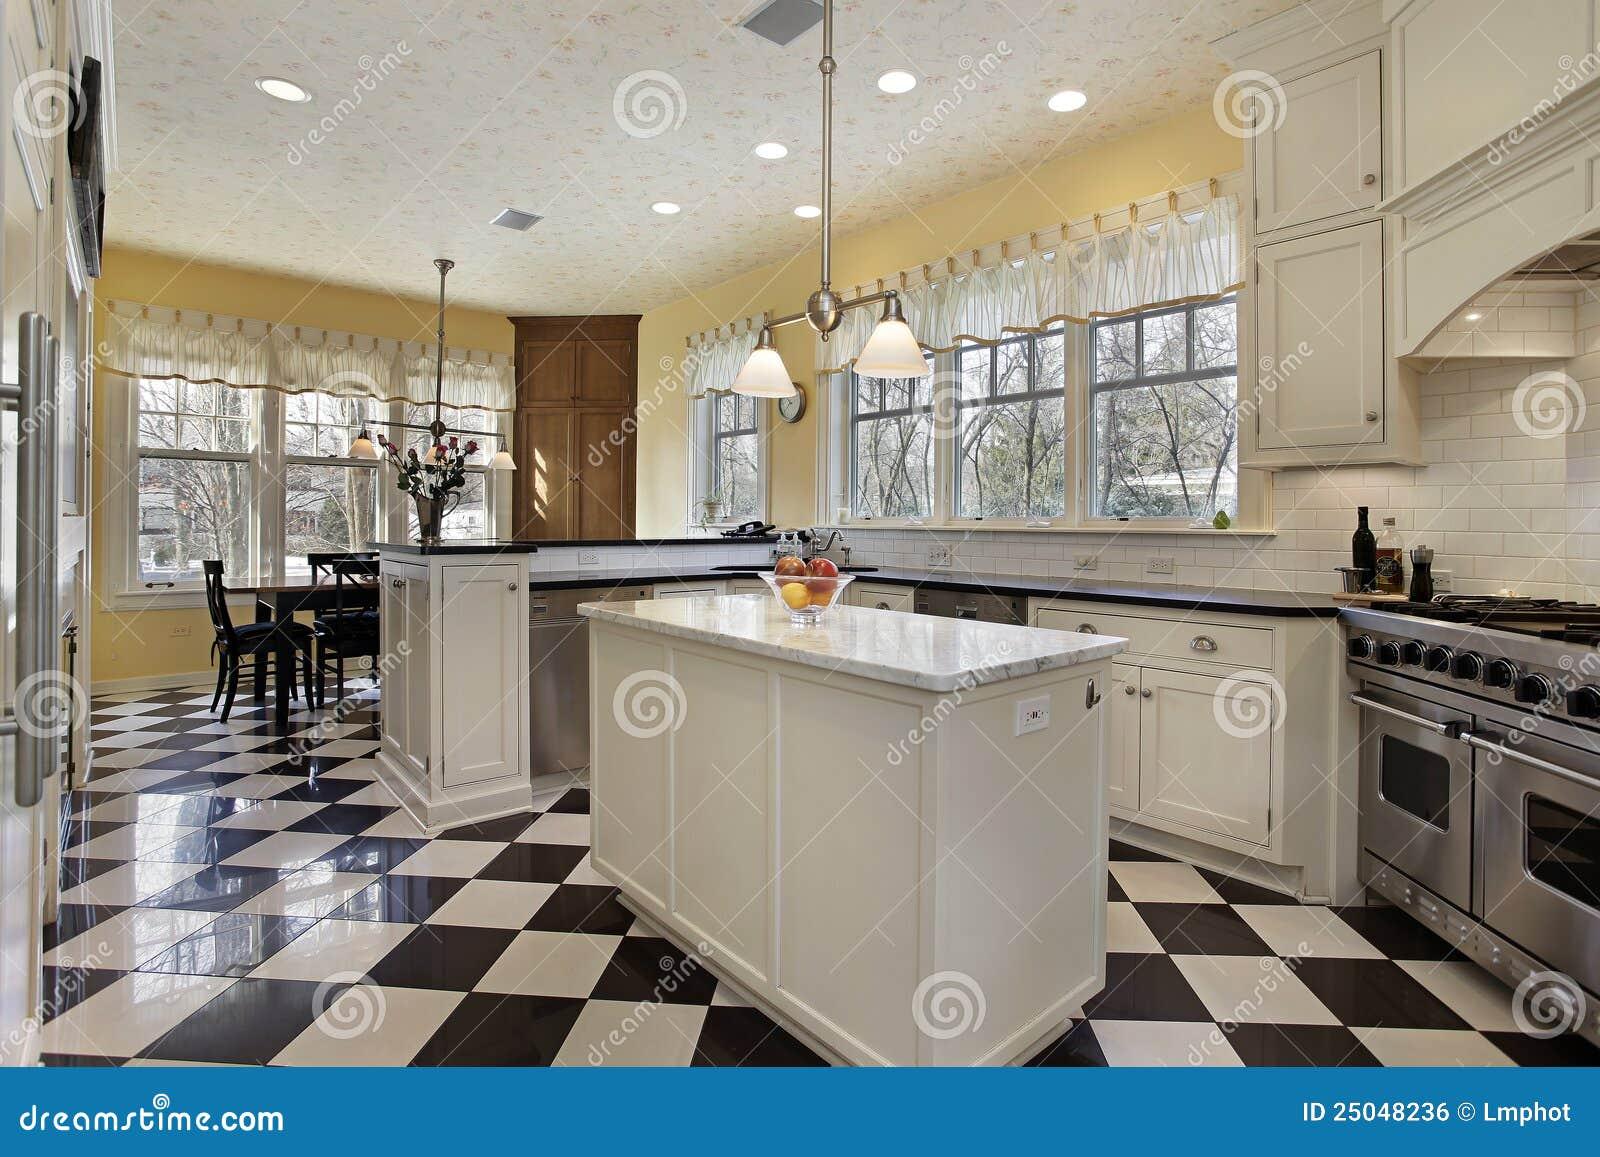 Cucina Con La Pavimentazione In Bianco E Nero Immagine ...